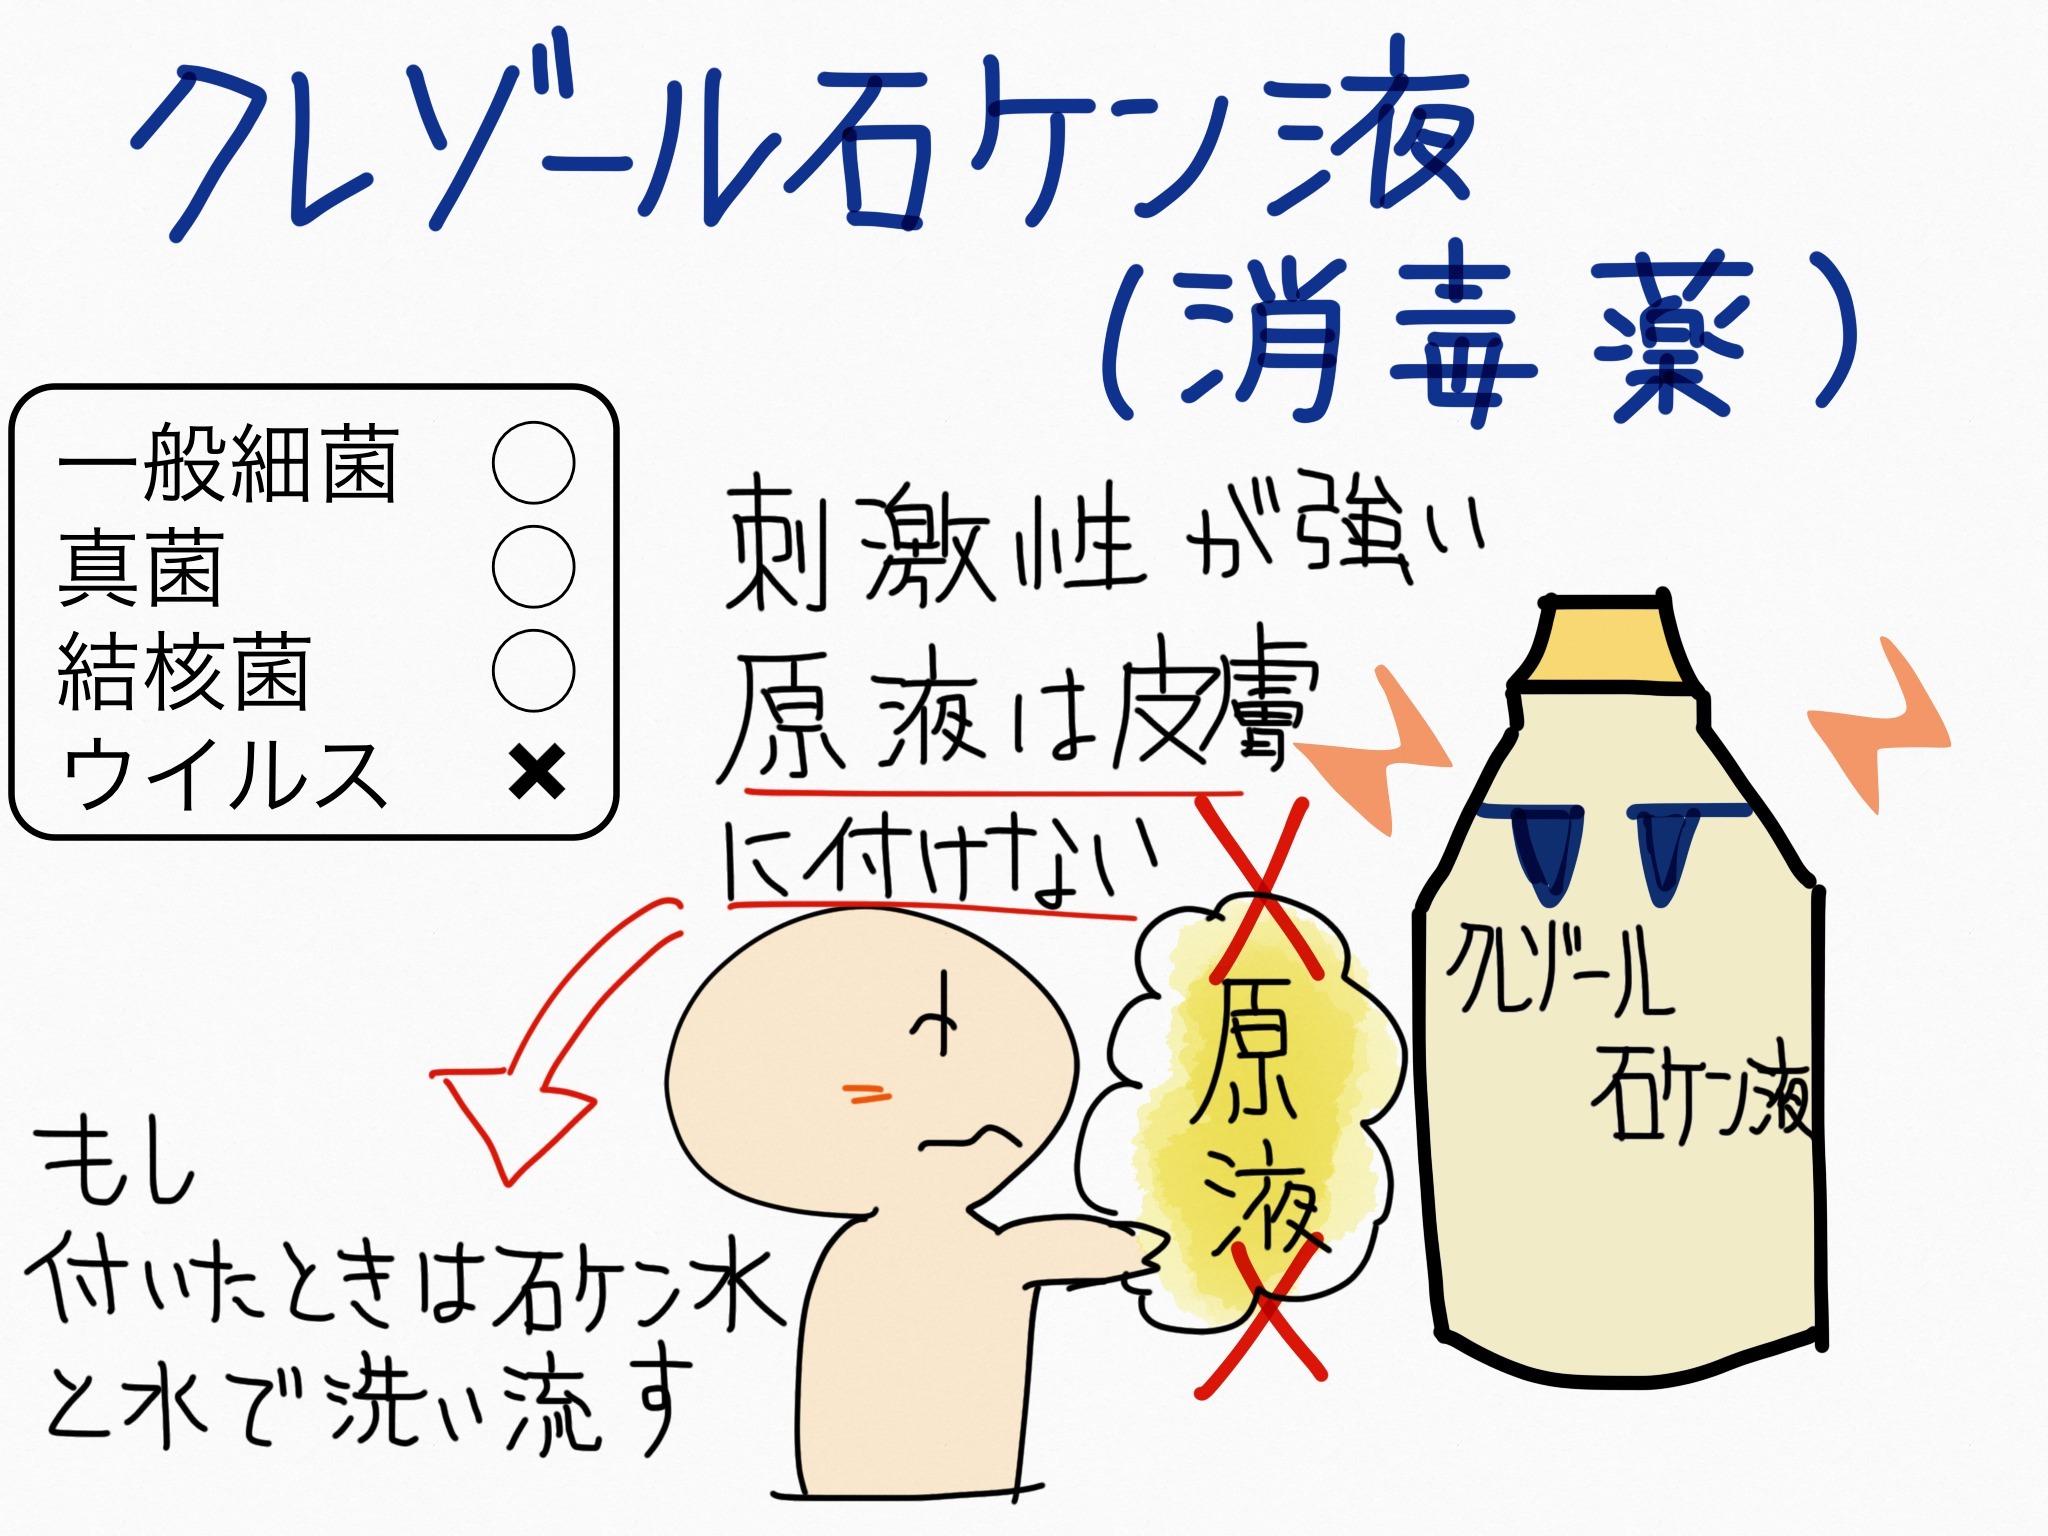 クレゾール石鹸液・殺菌消毒成分の覚え方